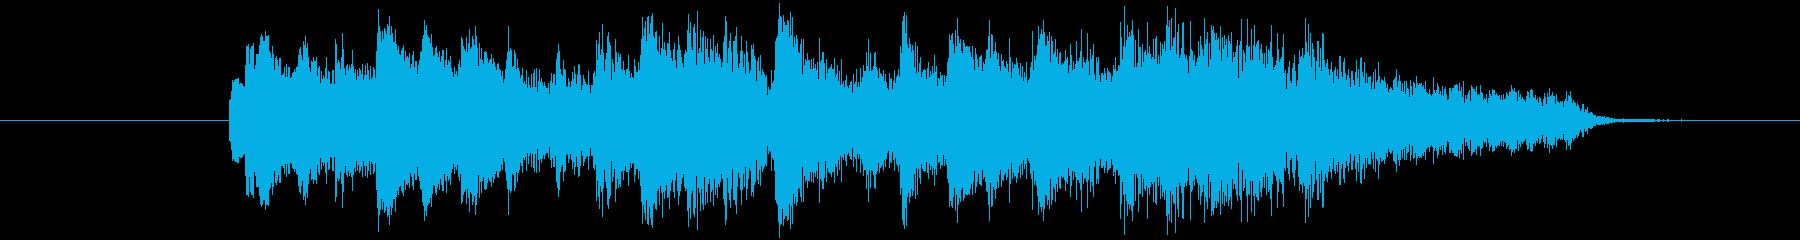 哀愁の漂うピアノジングルの再生済みの波形